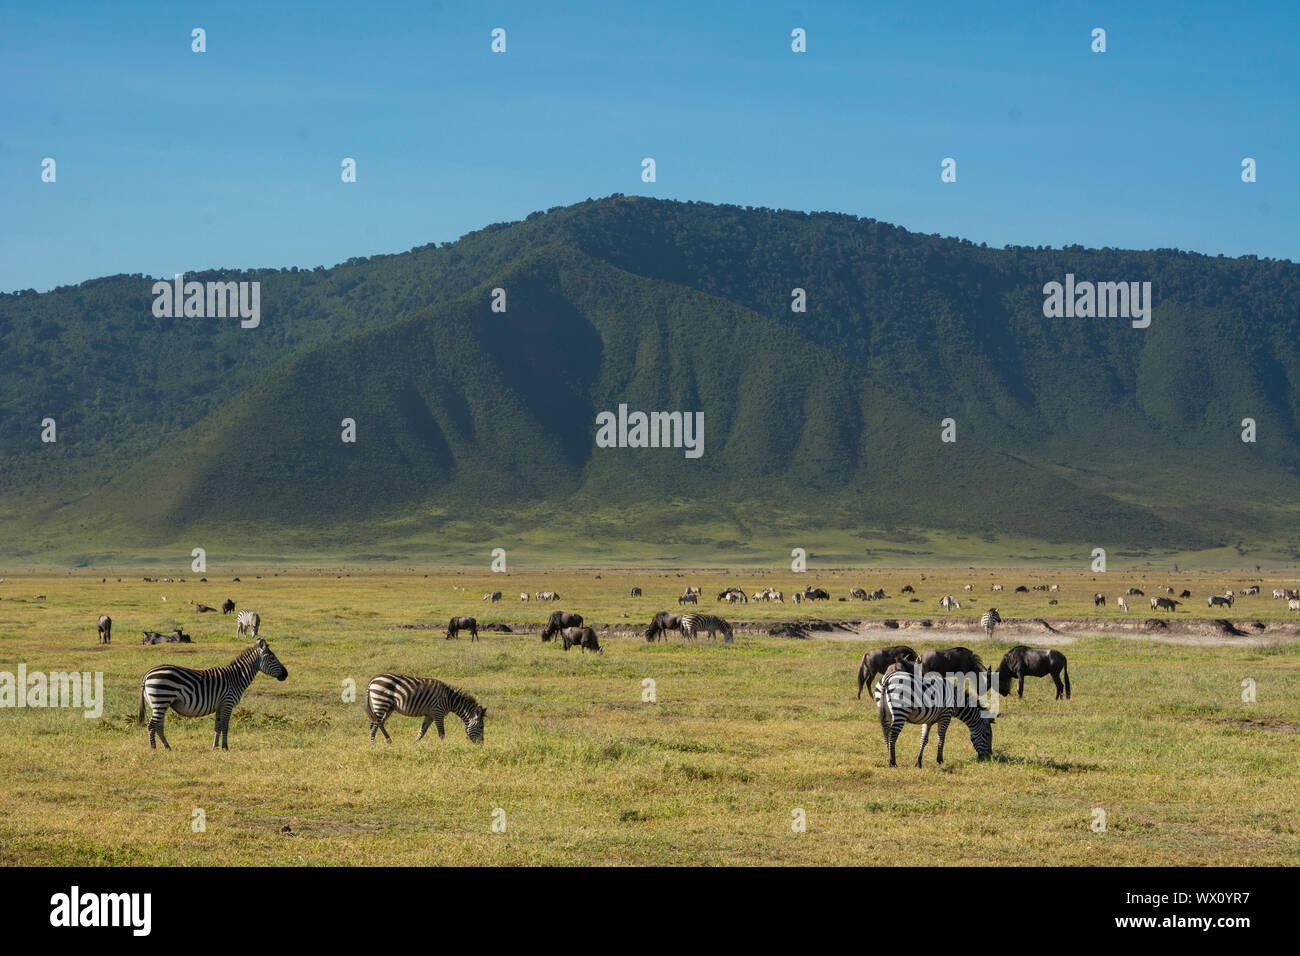 Zebre comune (Equus quagga) nel cratere di Ngorongoro, Ngorongoro Conservation Area, Sito Patrimonio Mondiale dell'UNESCO, Tanzania, Africa orientale, Africa Foto Stock